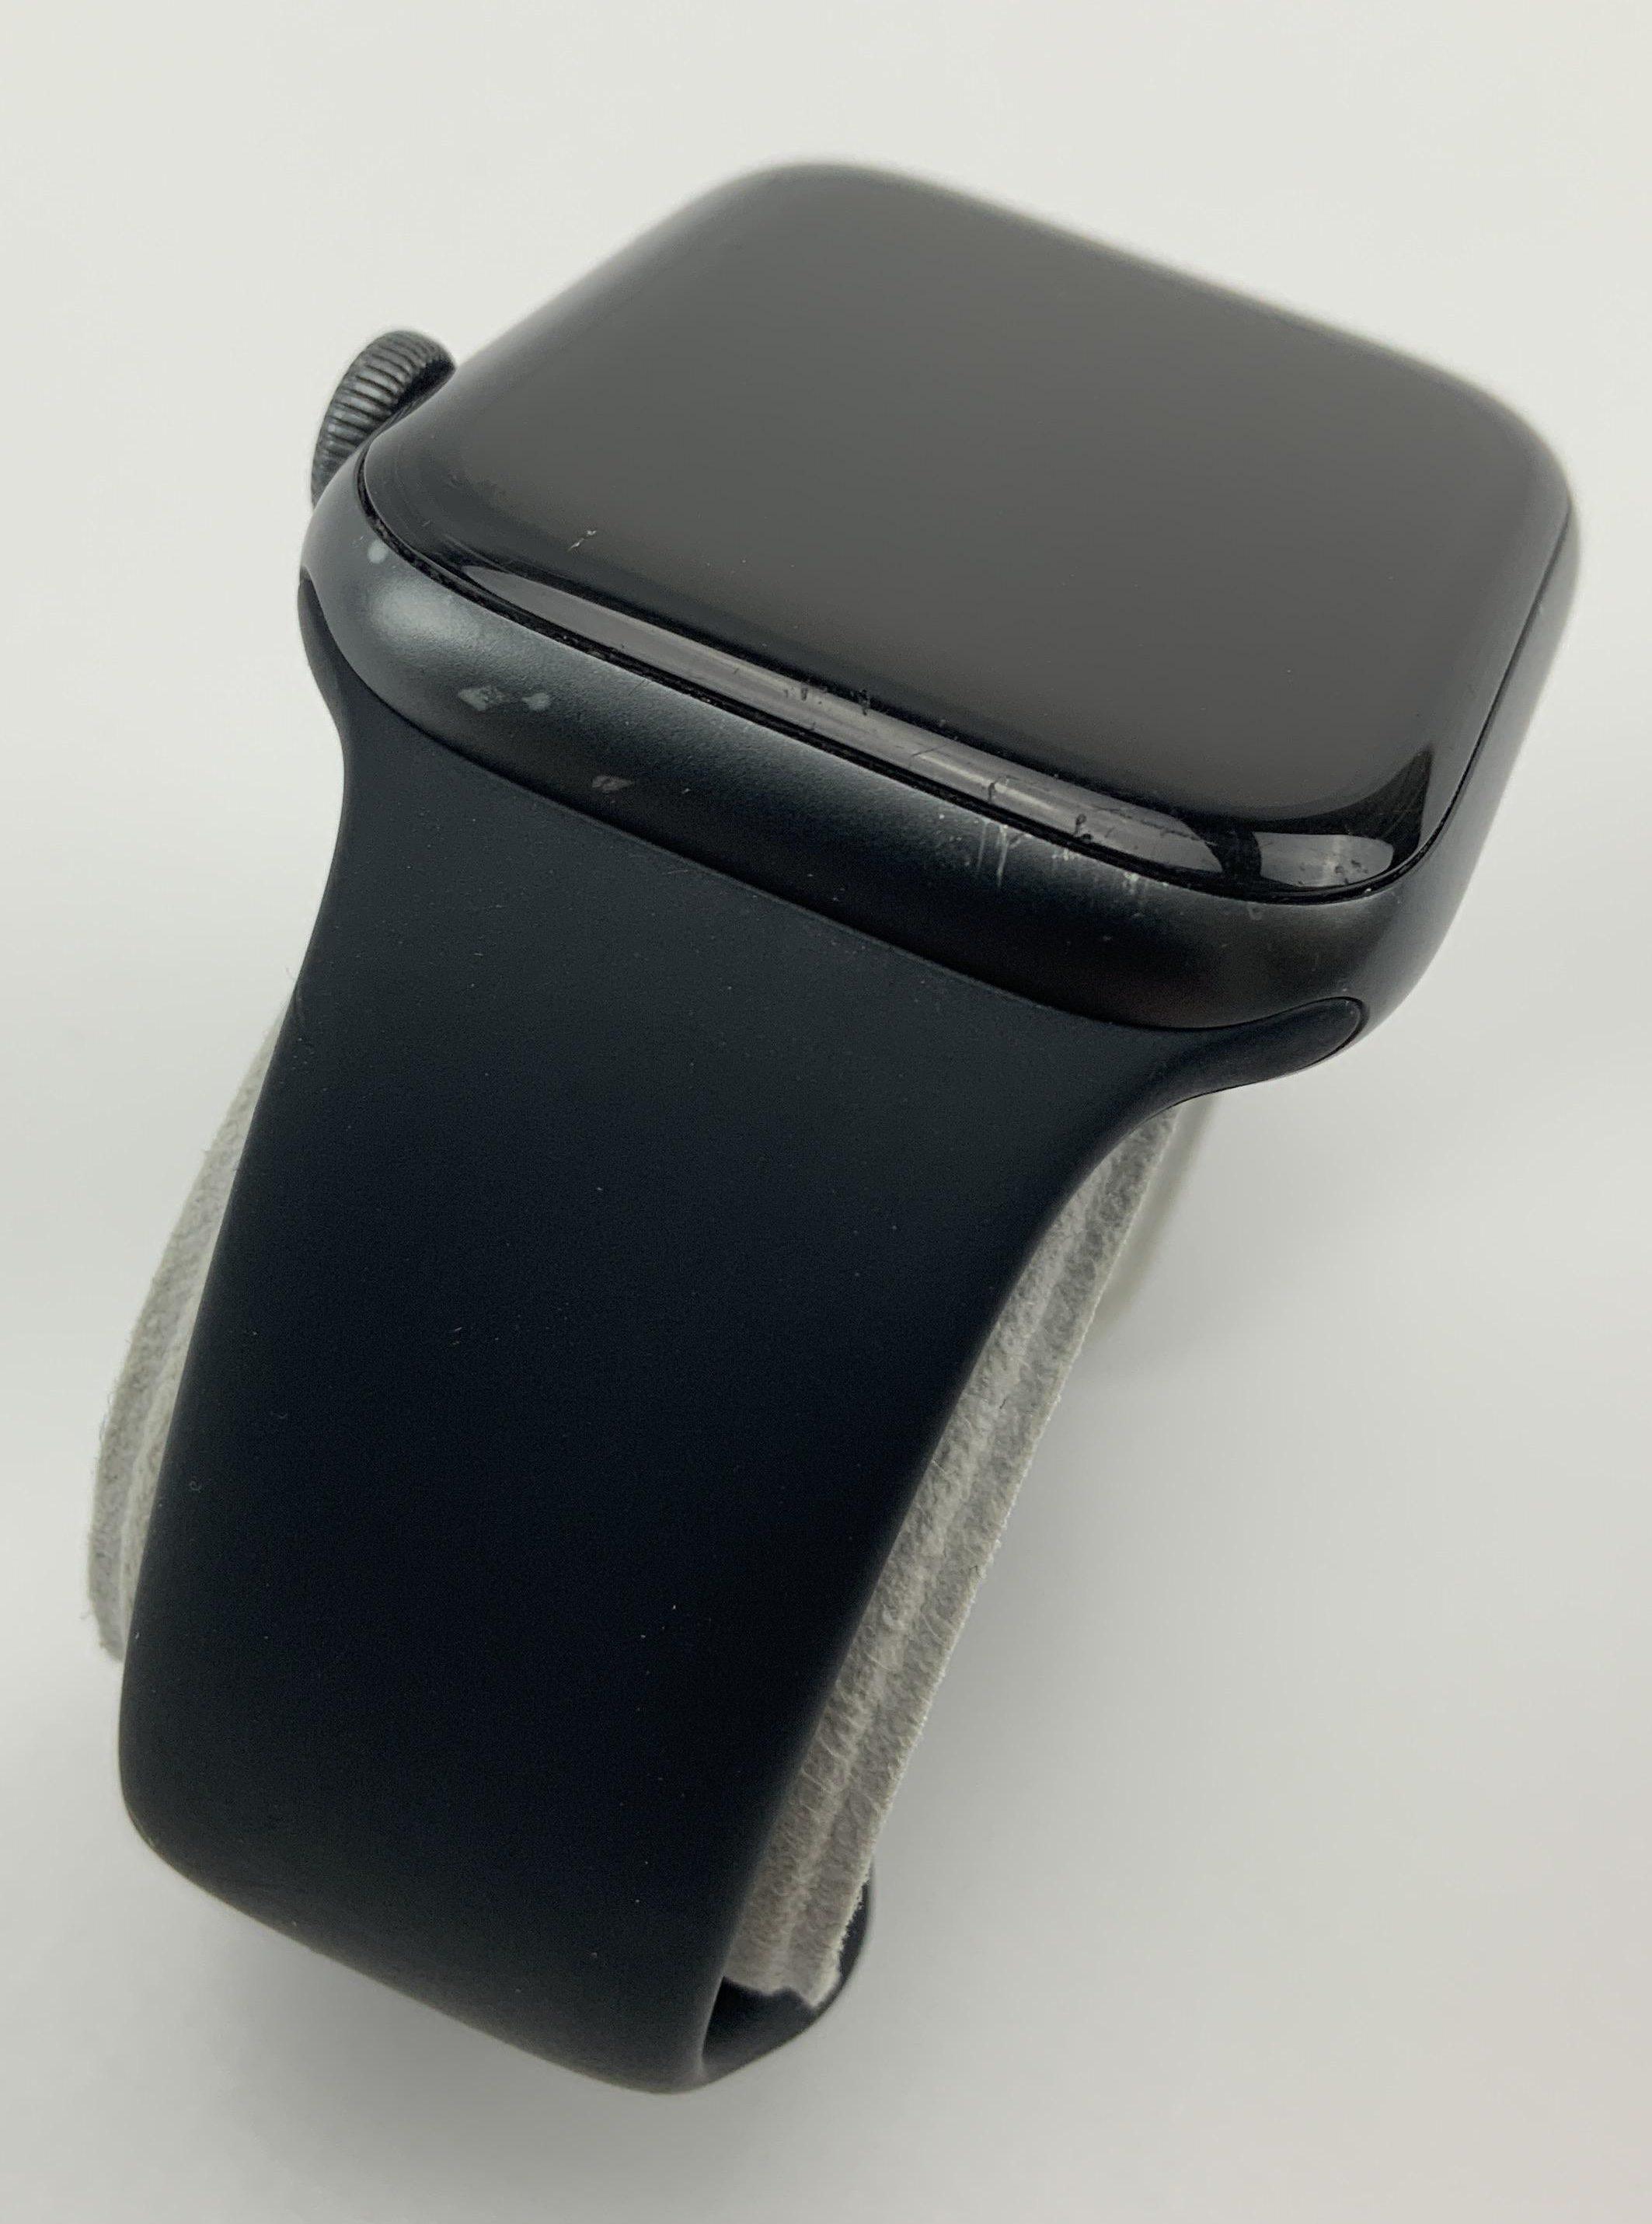 Watch Series 4 Aluminum (44mm), Space Gray, Black Sport Band, Kuva 3